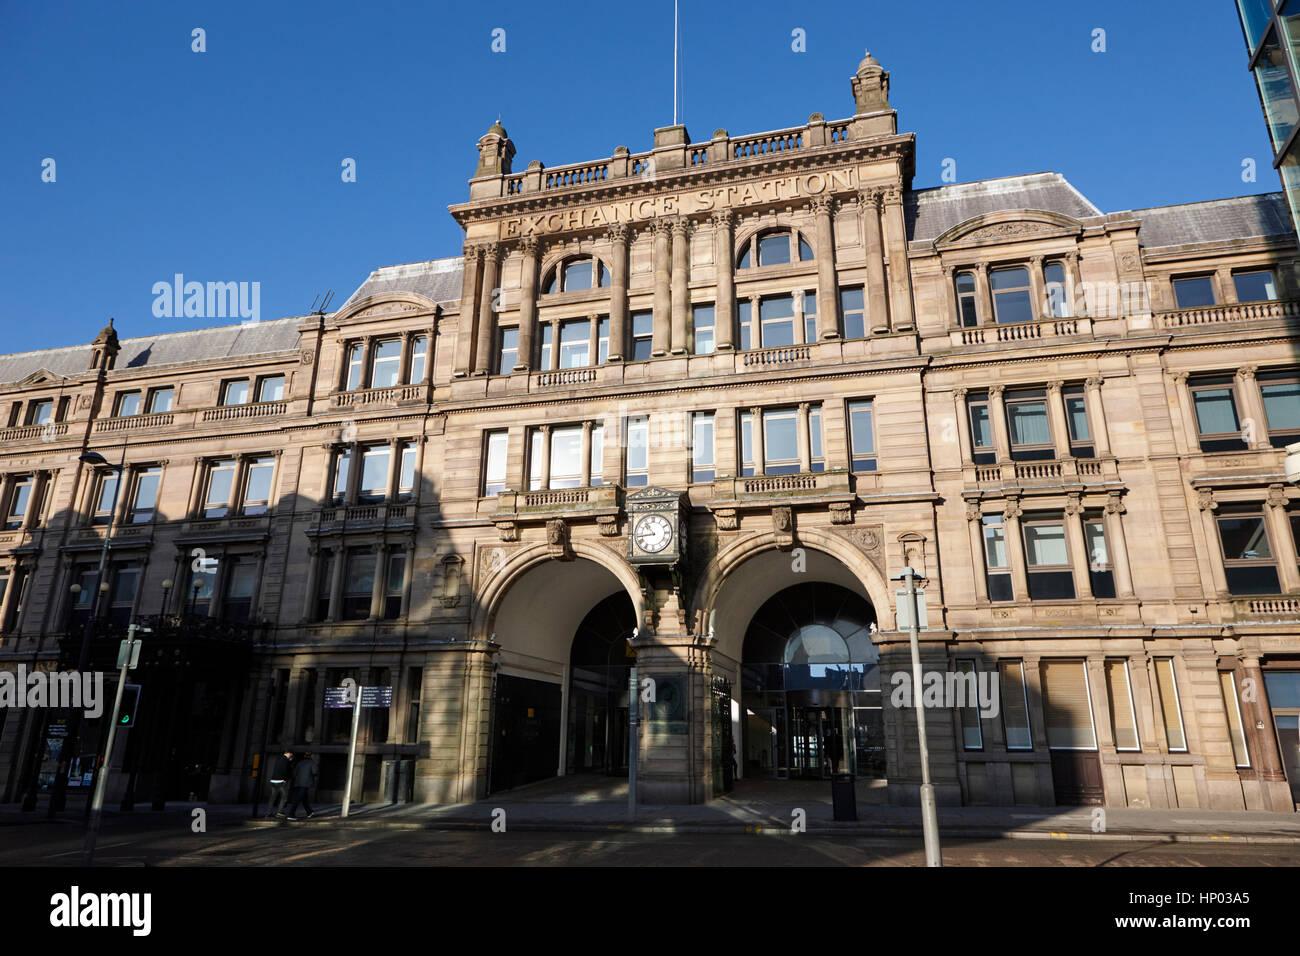 La station d'échange liverpool ancienne gare maintenant des bureaux dans le quartier commercial uk Banque D'Images